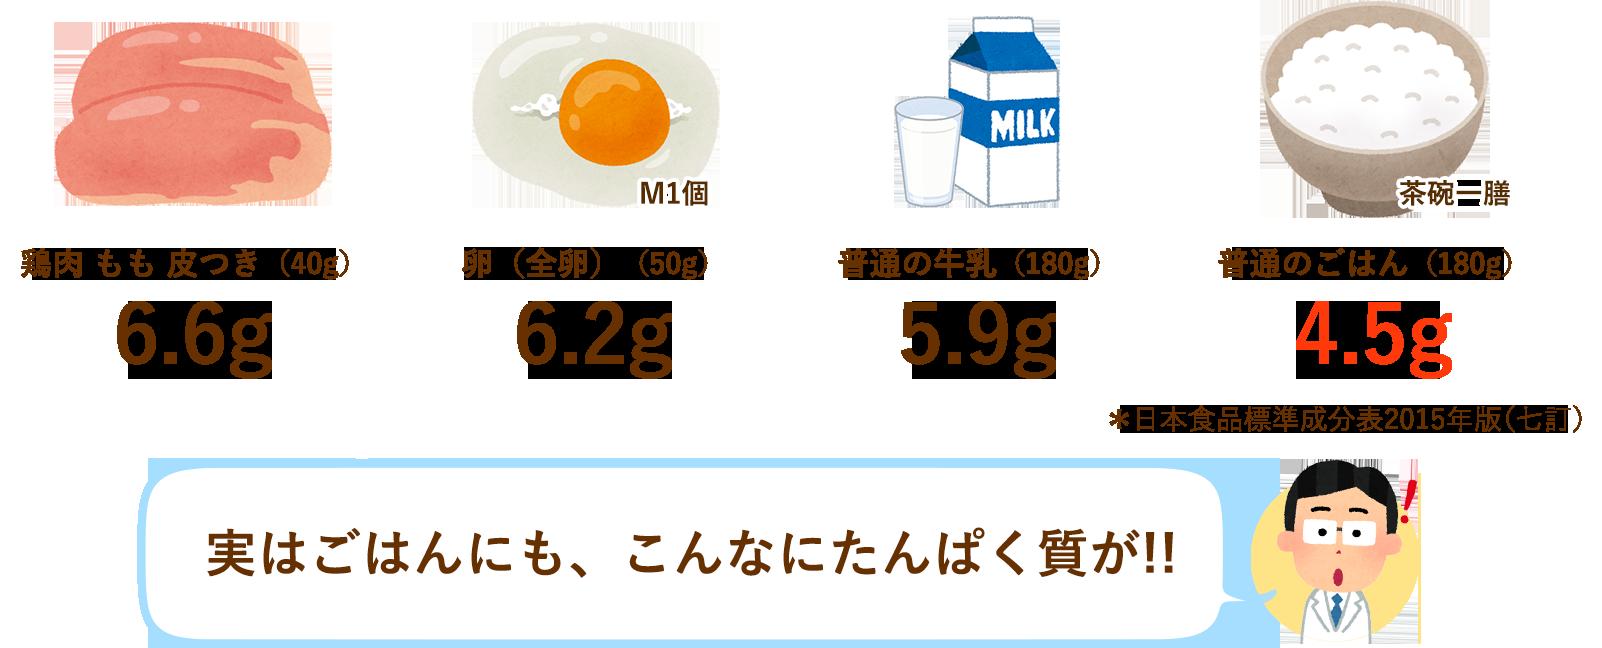 多い 食品 の たんぱく質